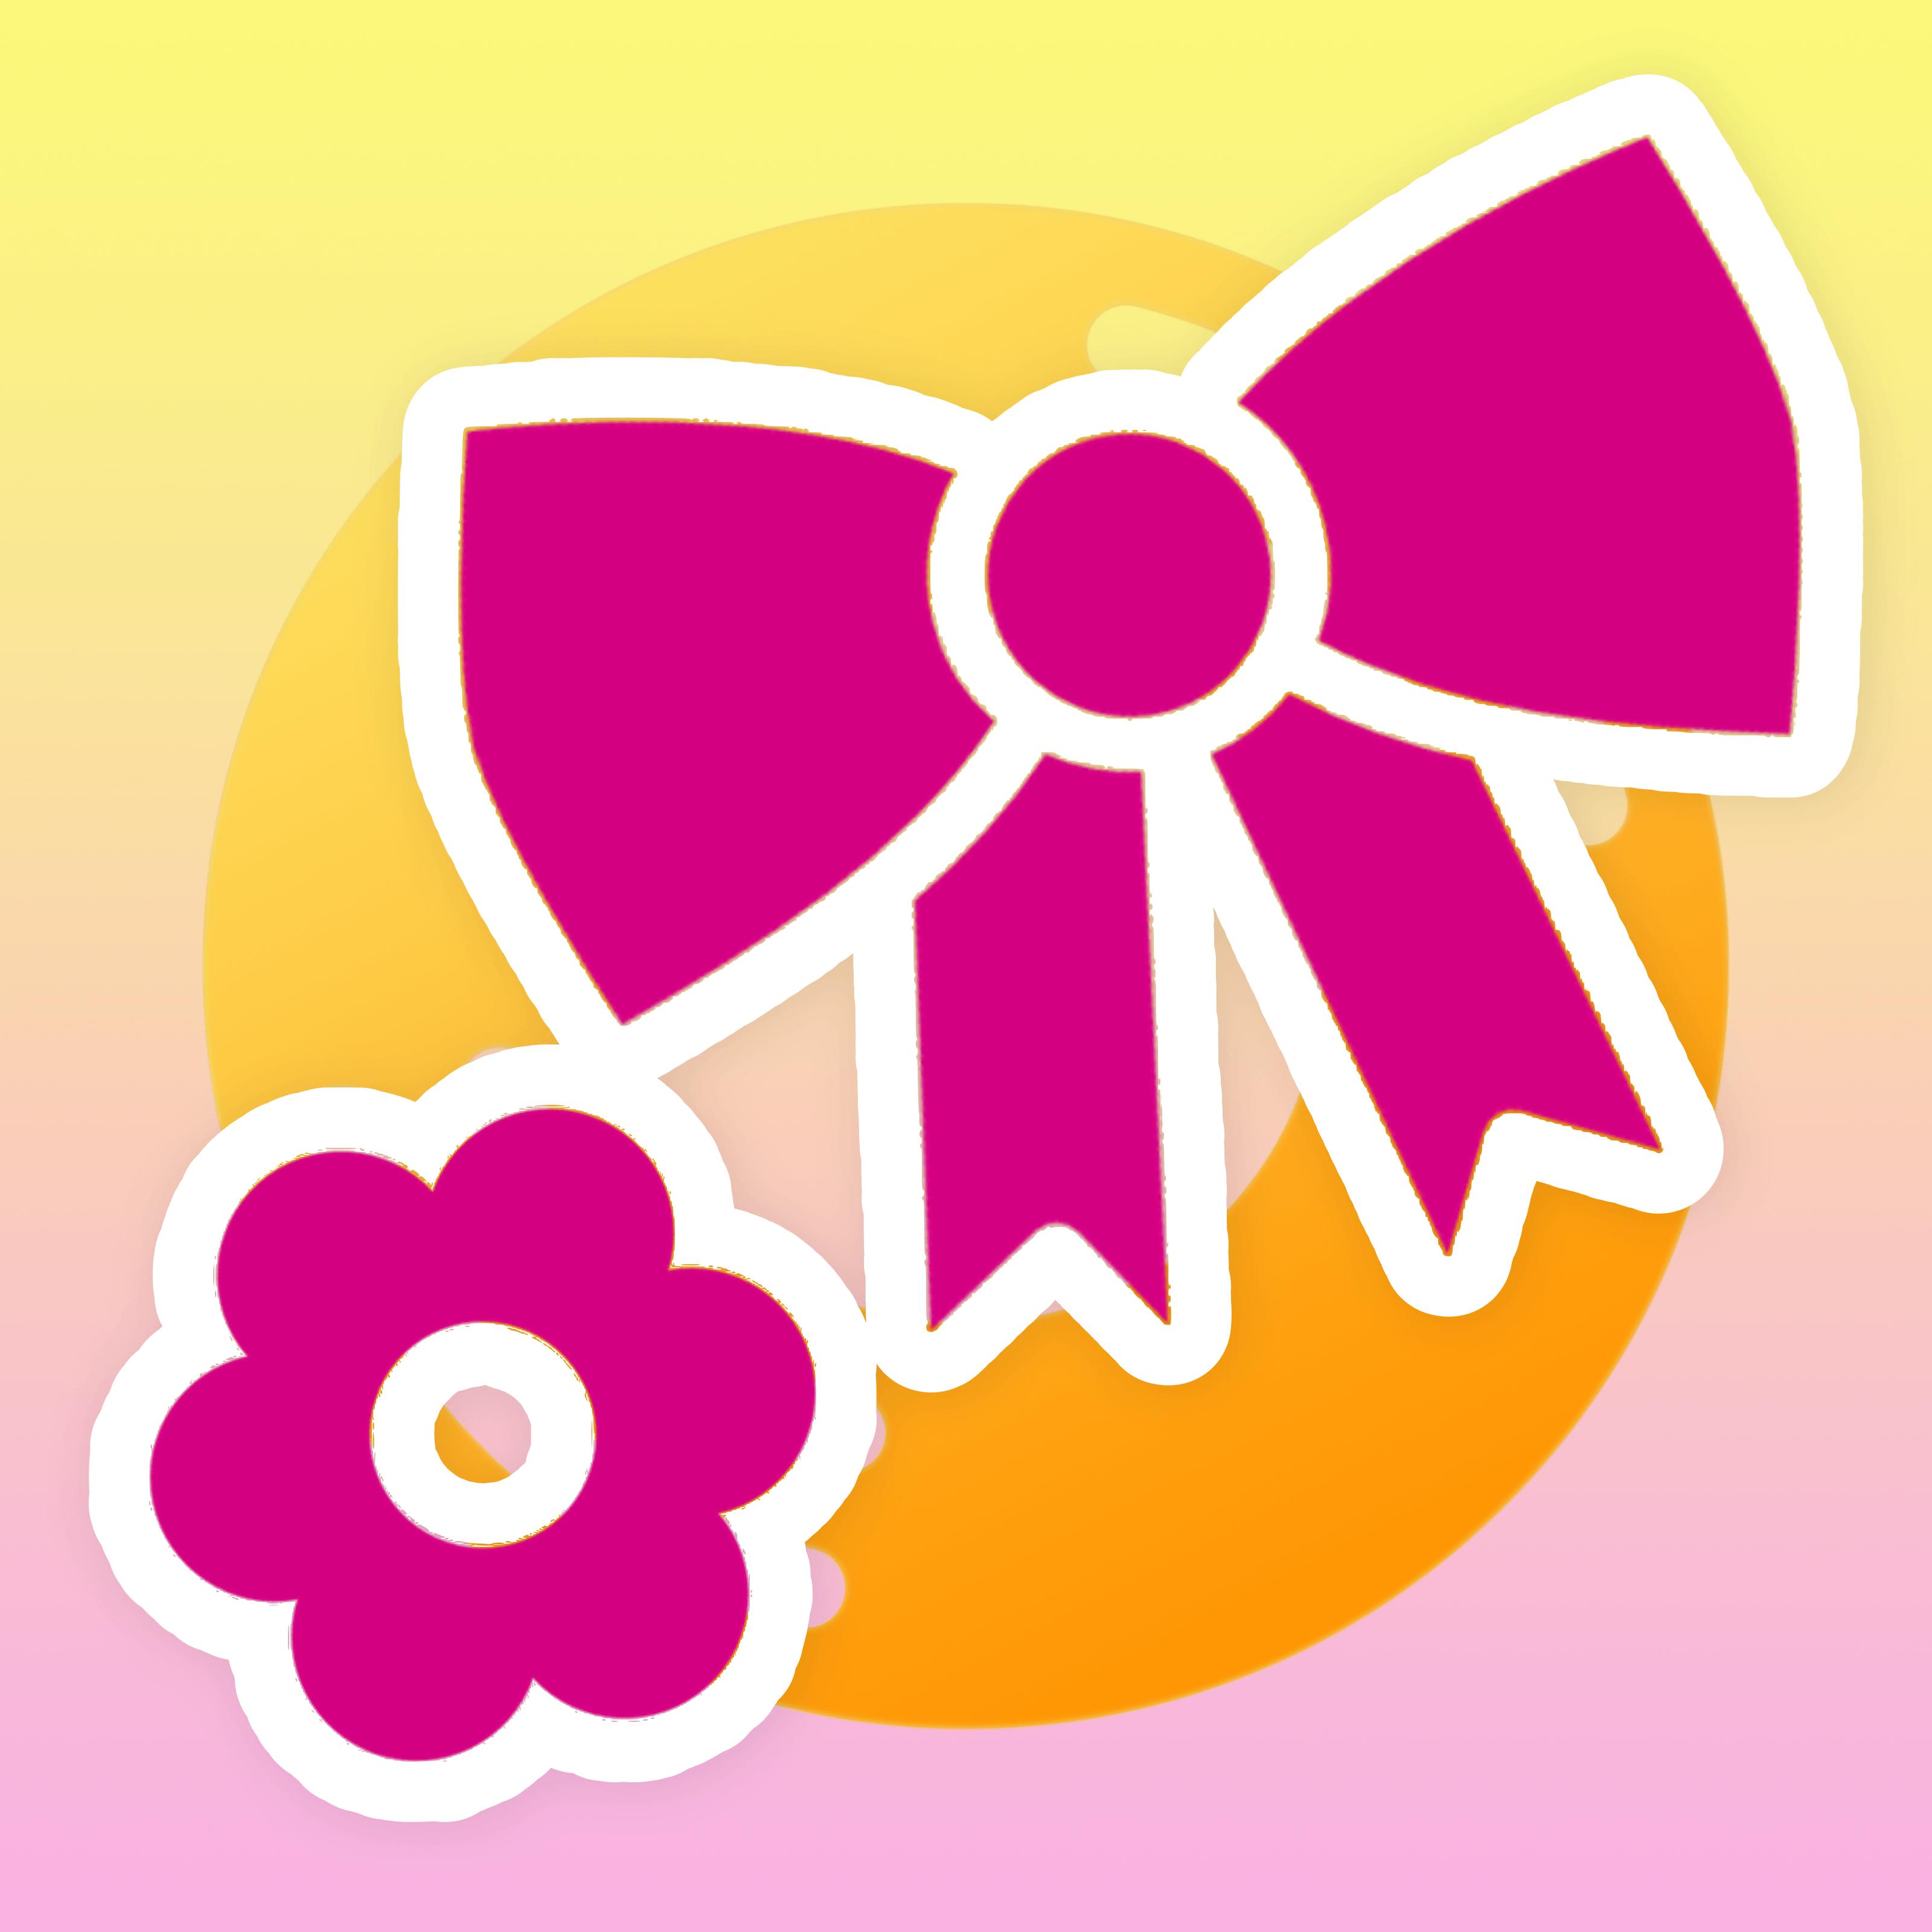 Hisui12 avatar